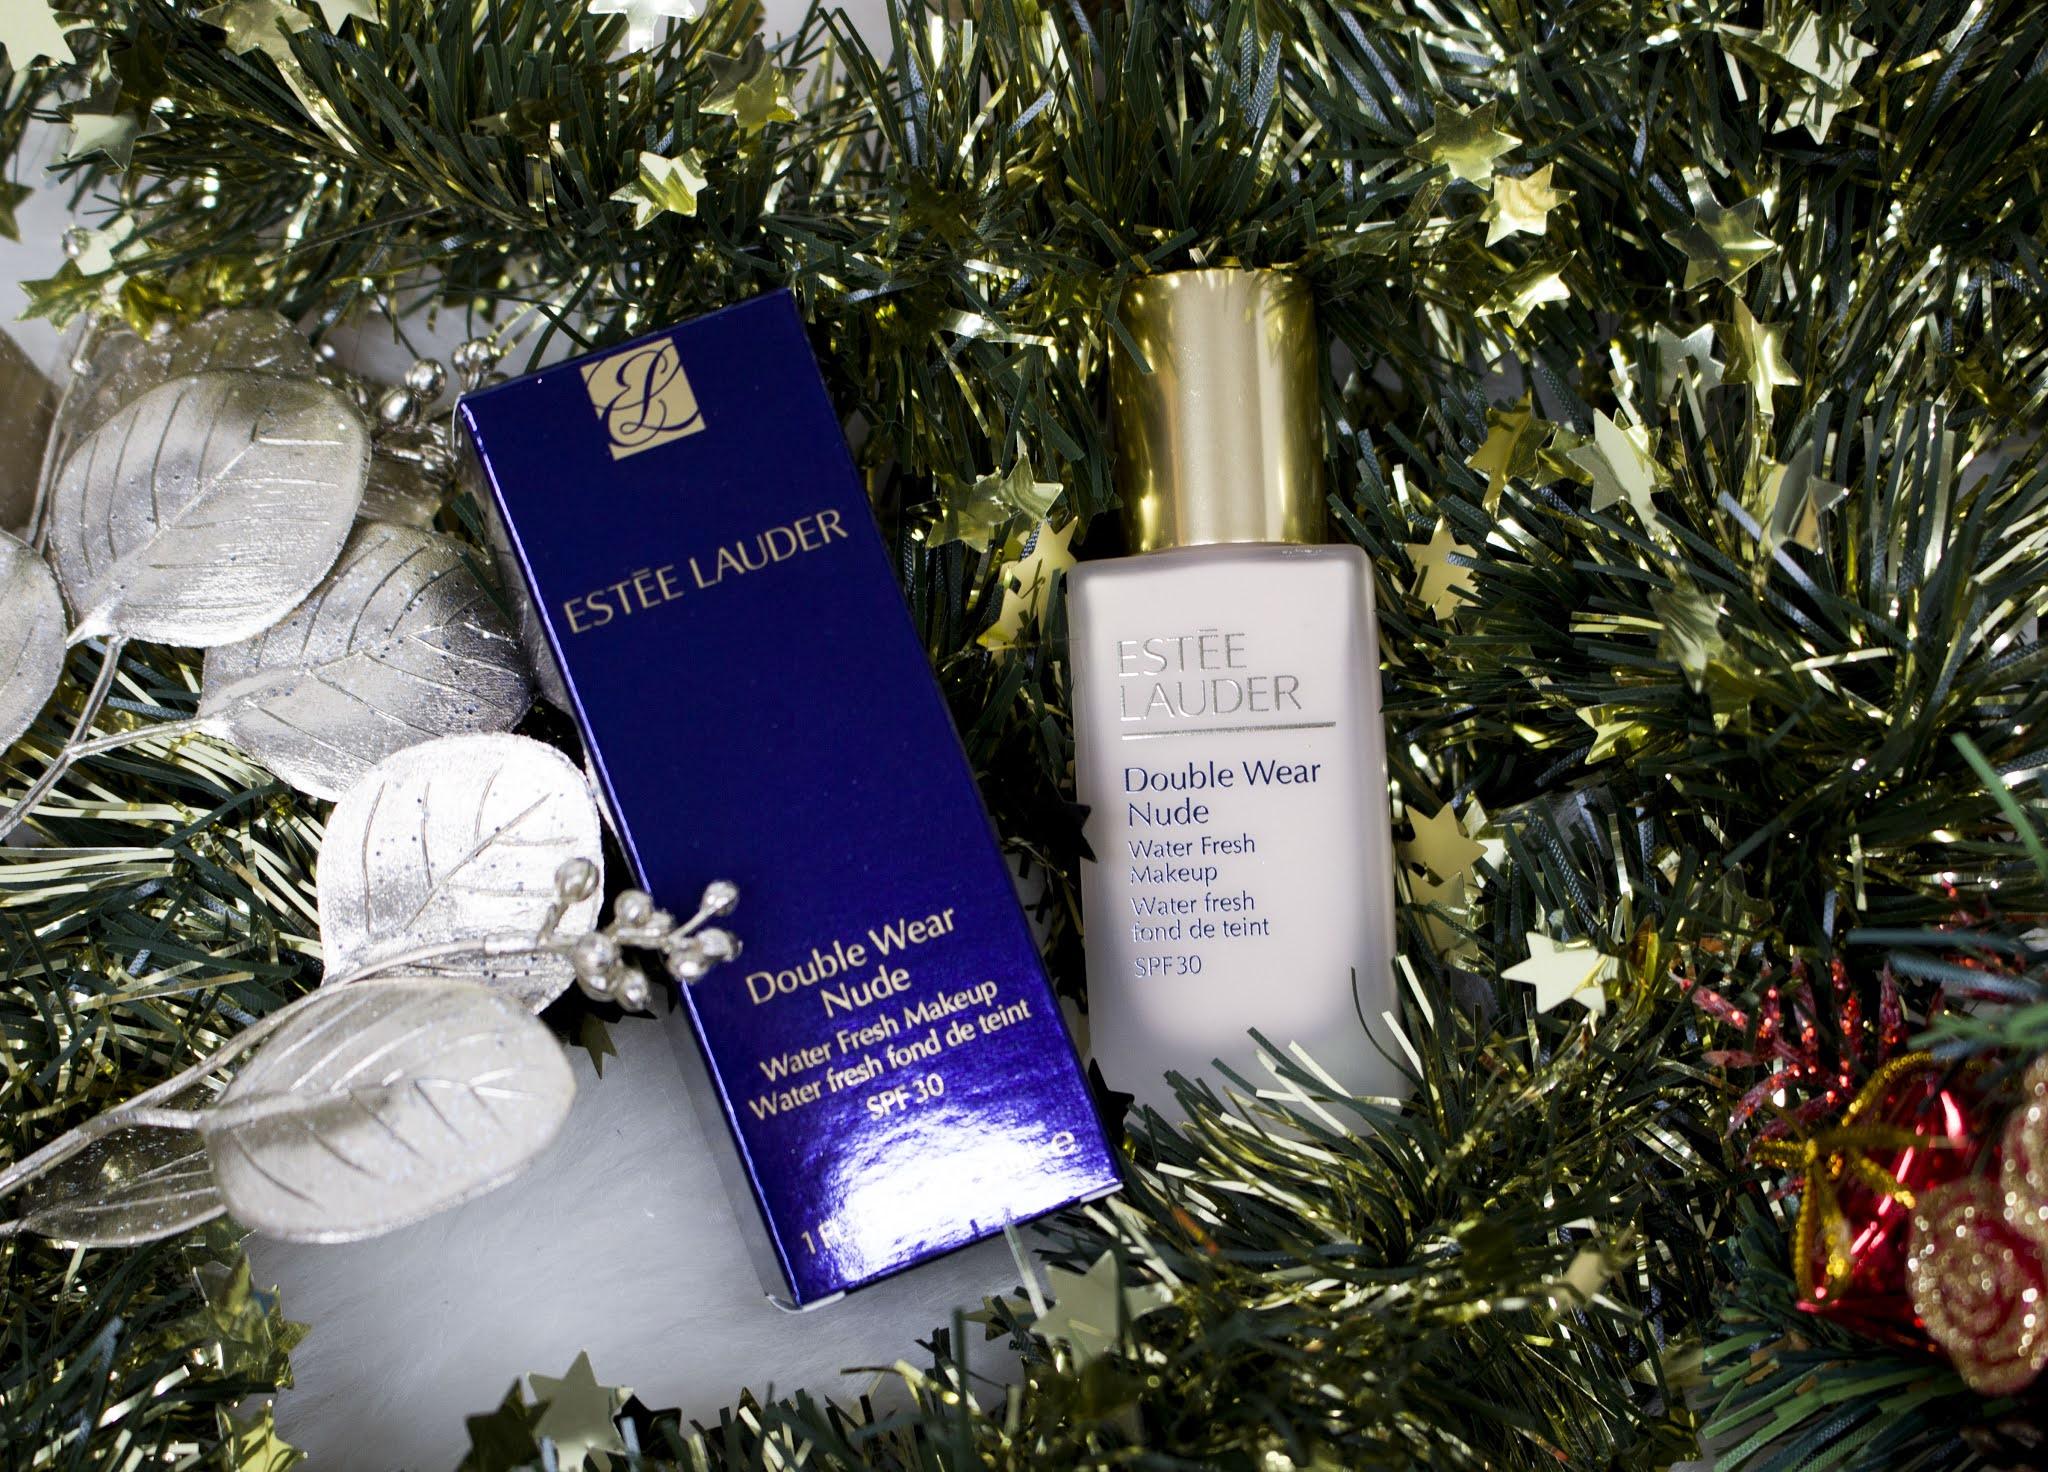 ideen für geschenke zu weihnachten empfehlungen für beauty produkte make up